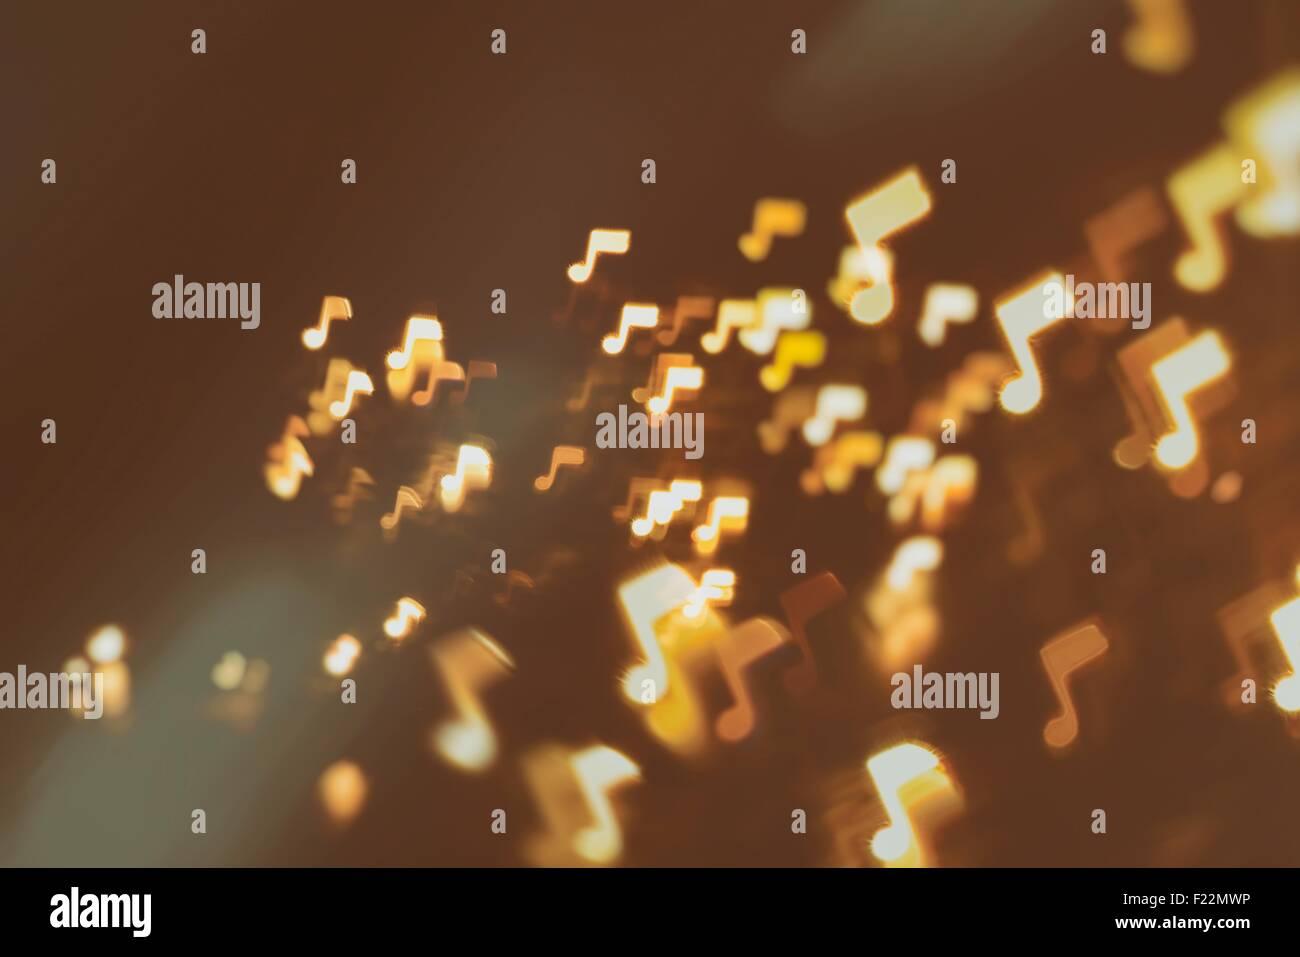 Musica, suono e note abstract blur sullo sfondo (note segni volare nello spazio) Immagini Stock